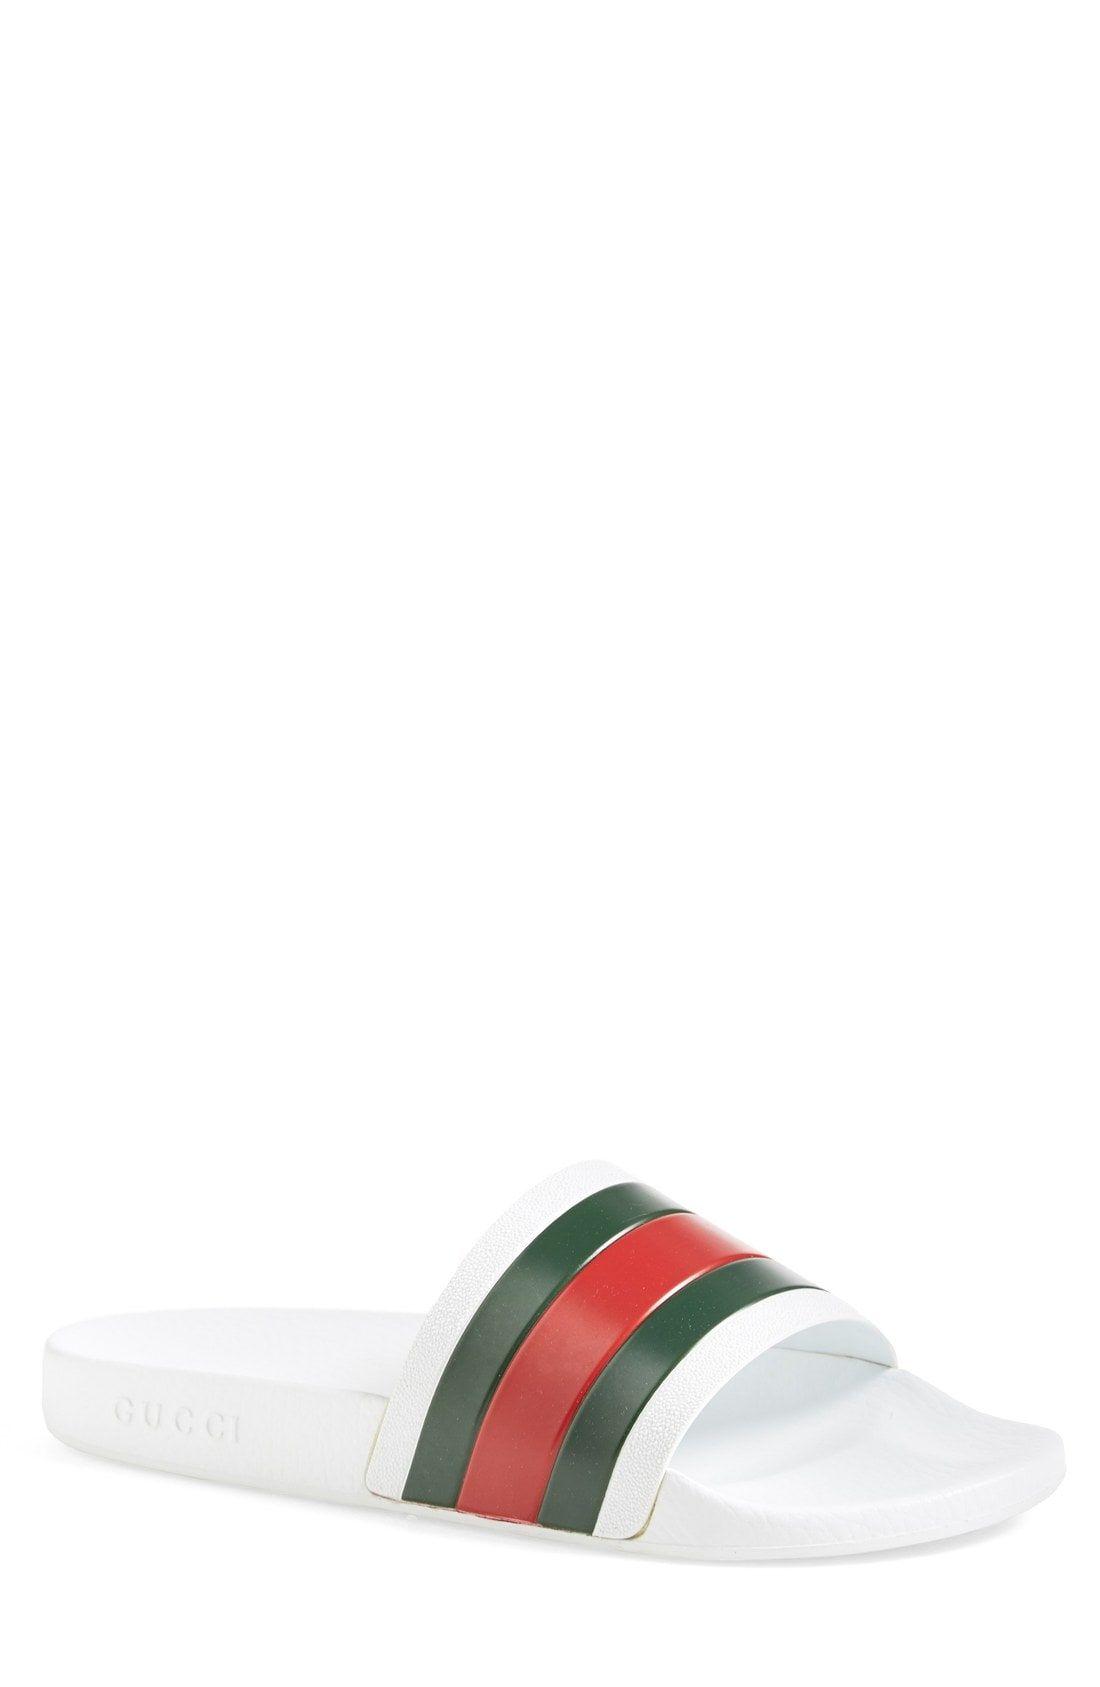 2ddc591dd36 GUCCI Pursuit Rubber Slide Sandal.  gucci  shoes  sandals